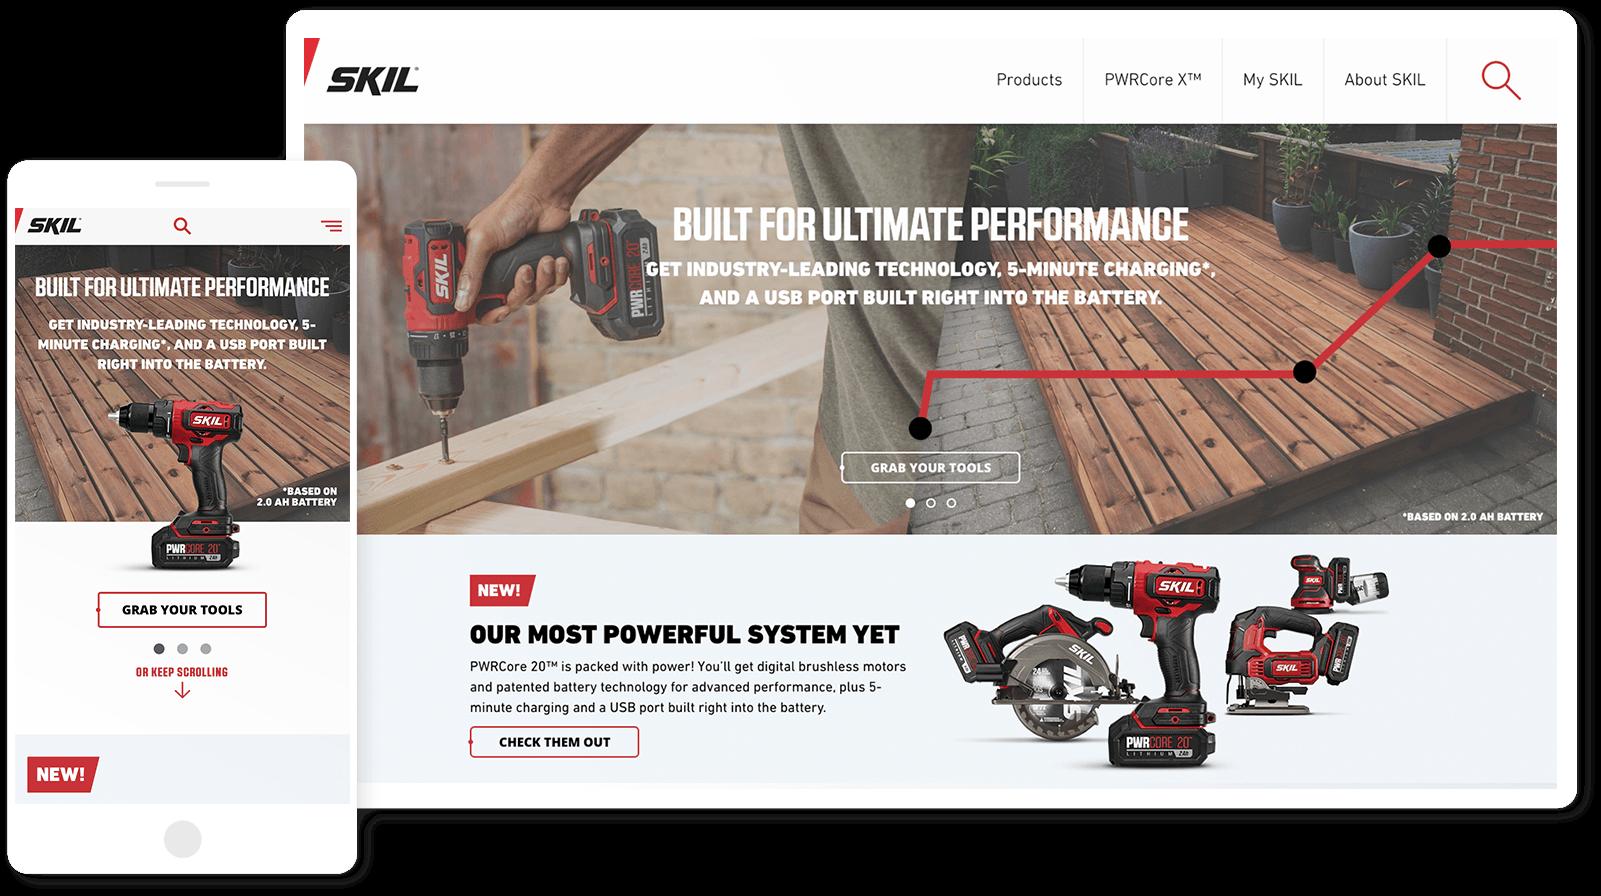 Skil Website